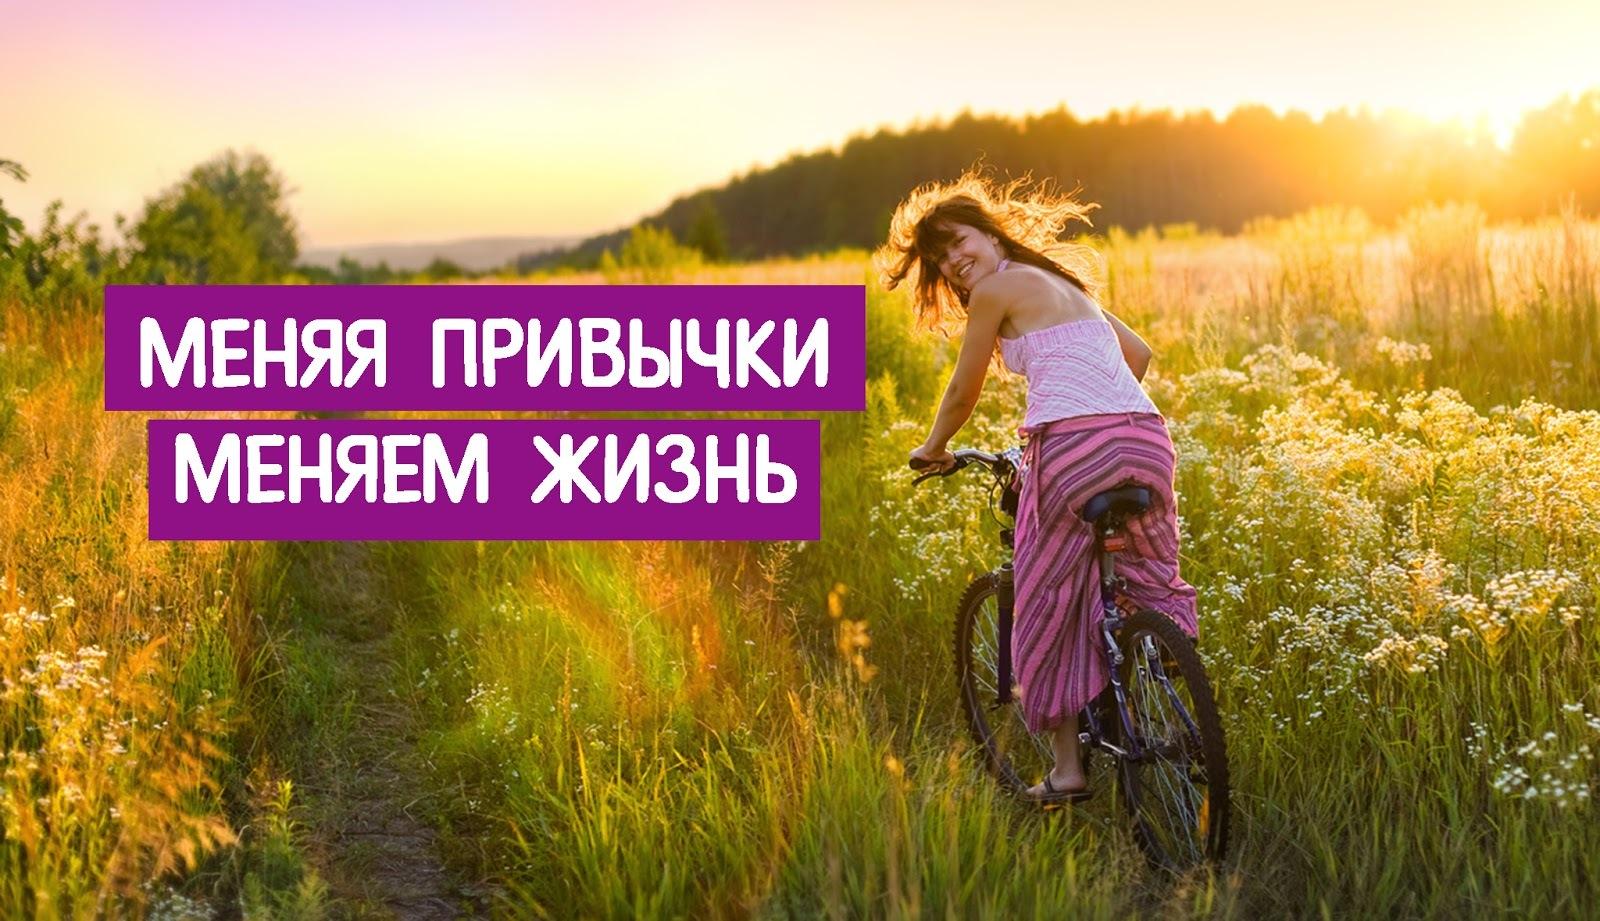 Жизнь не равна картинки прикольные инна